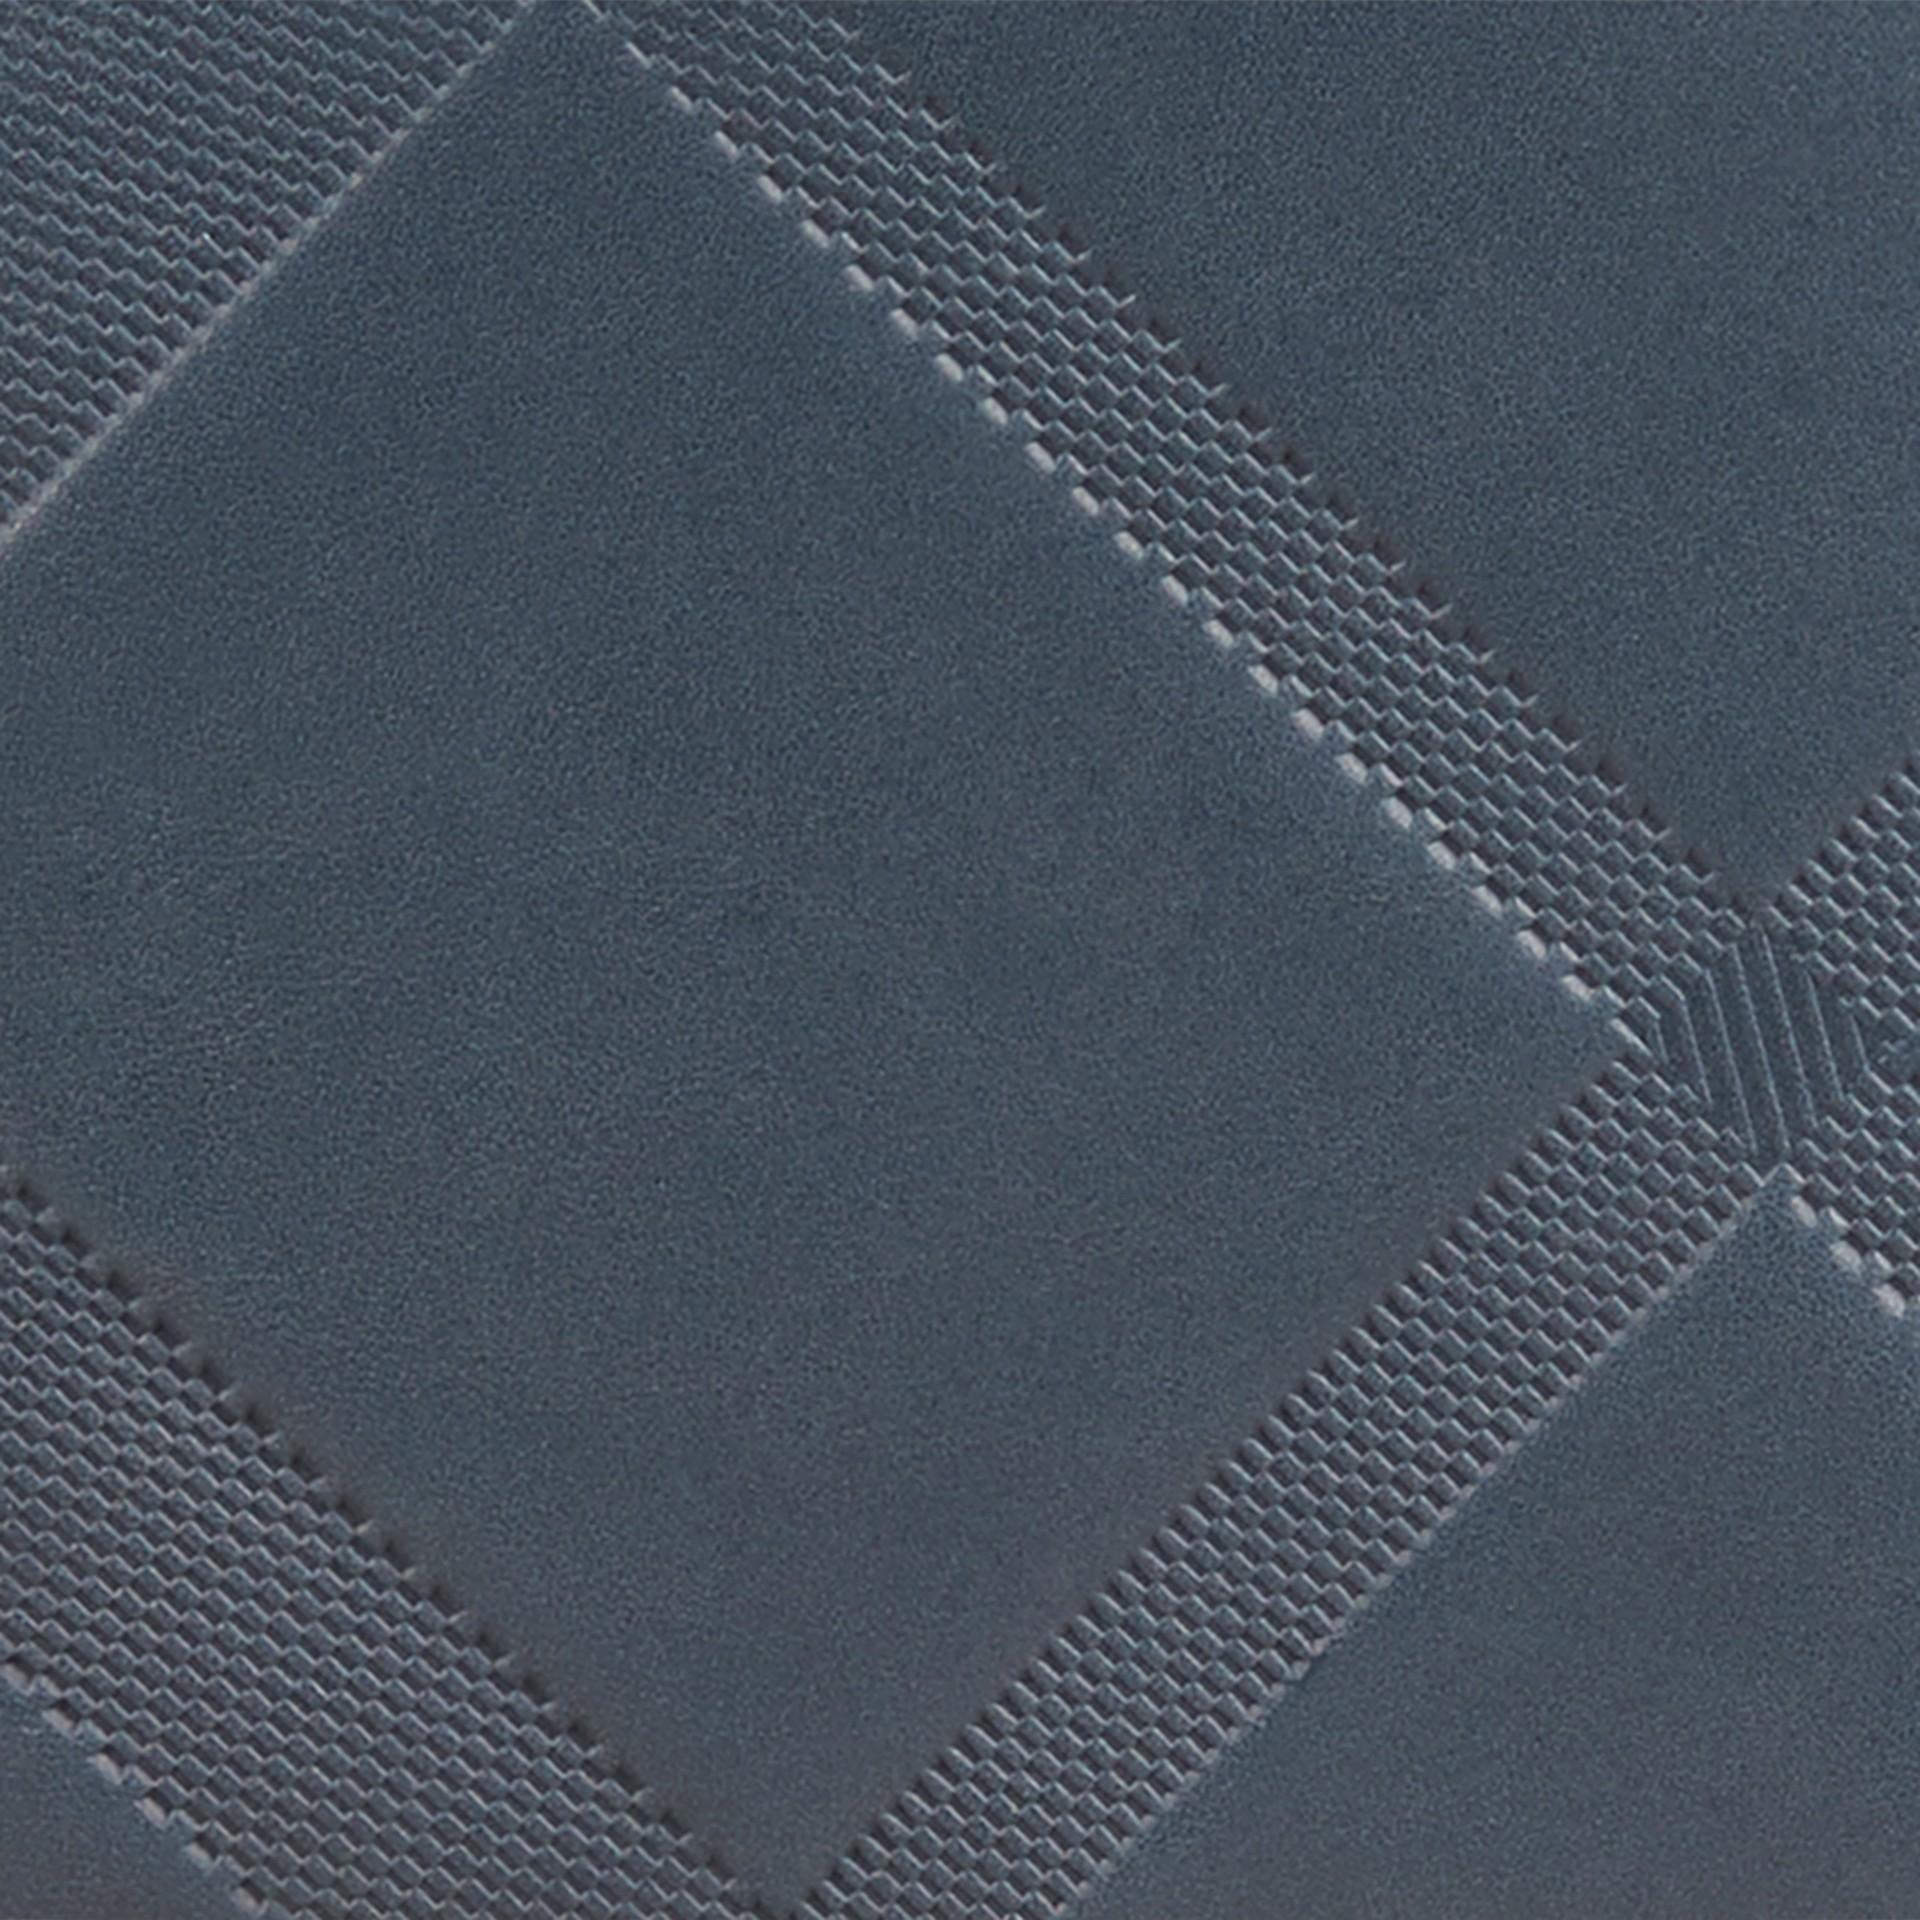 Steel blue Carteira dobrável de couro com estampa xadrez em relevo Steel Blue - galeria de imagens 2